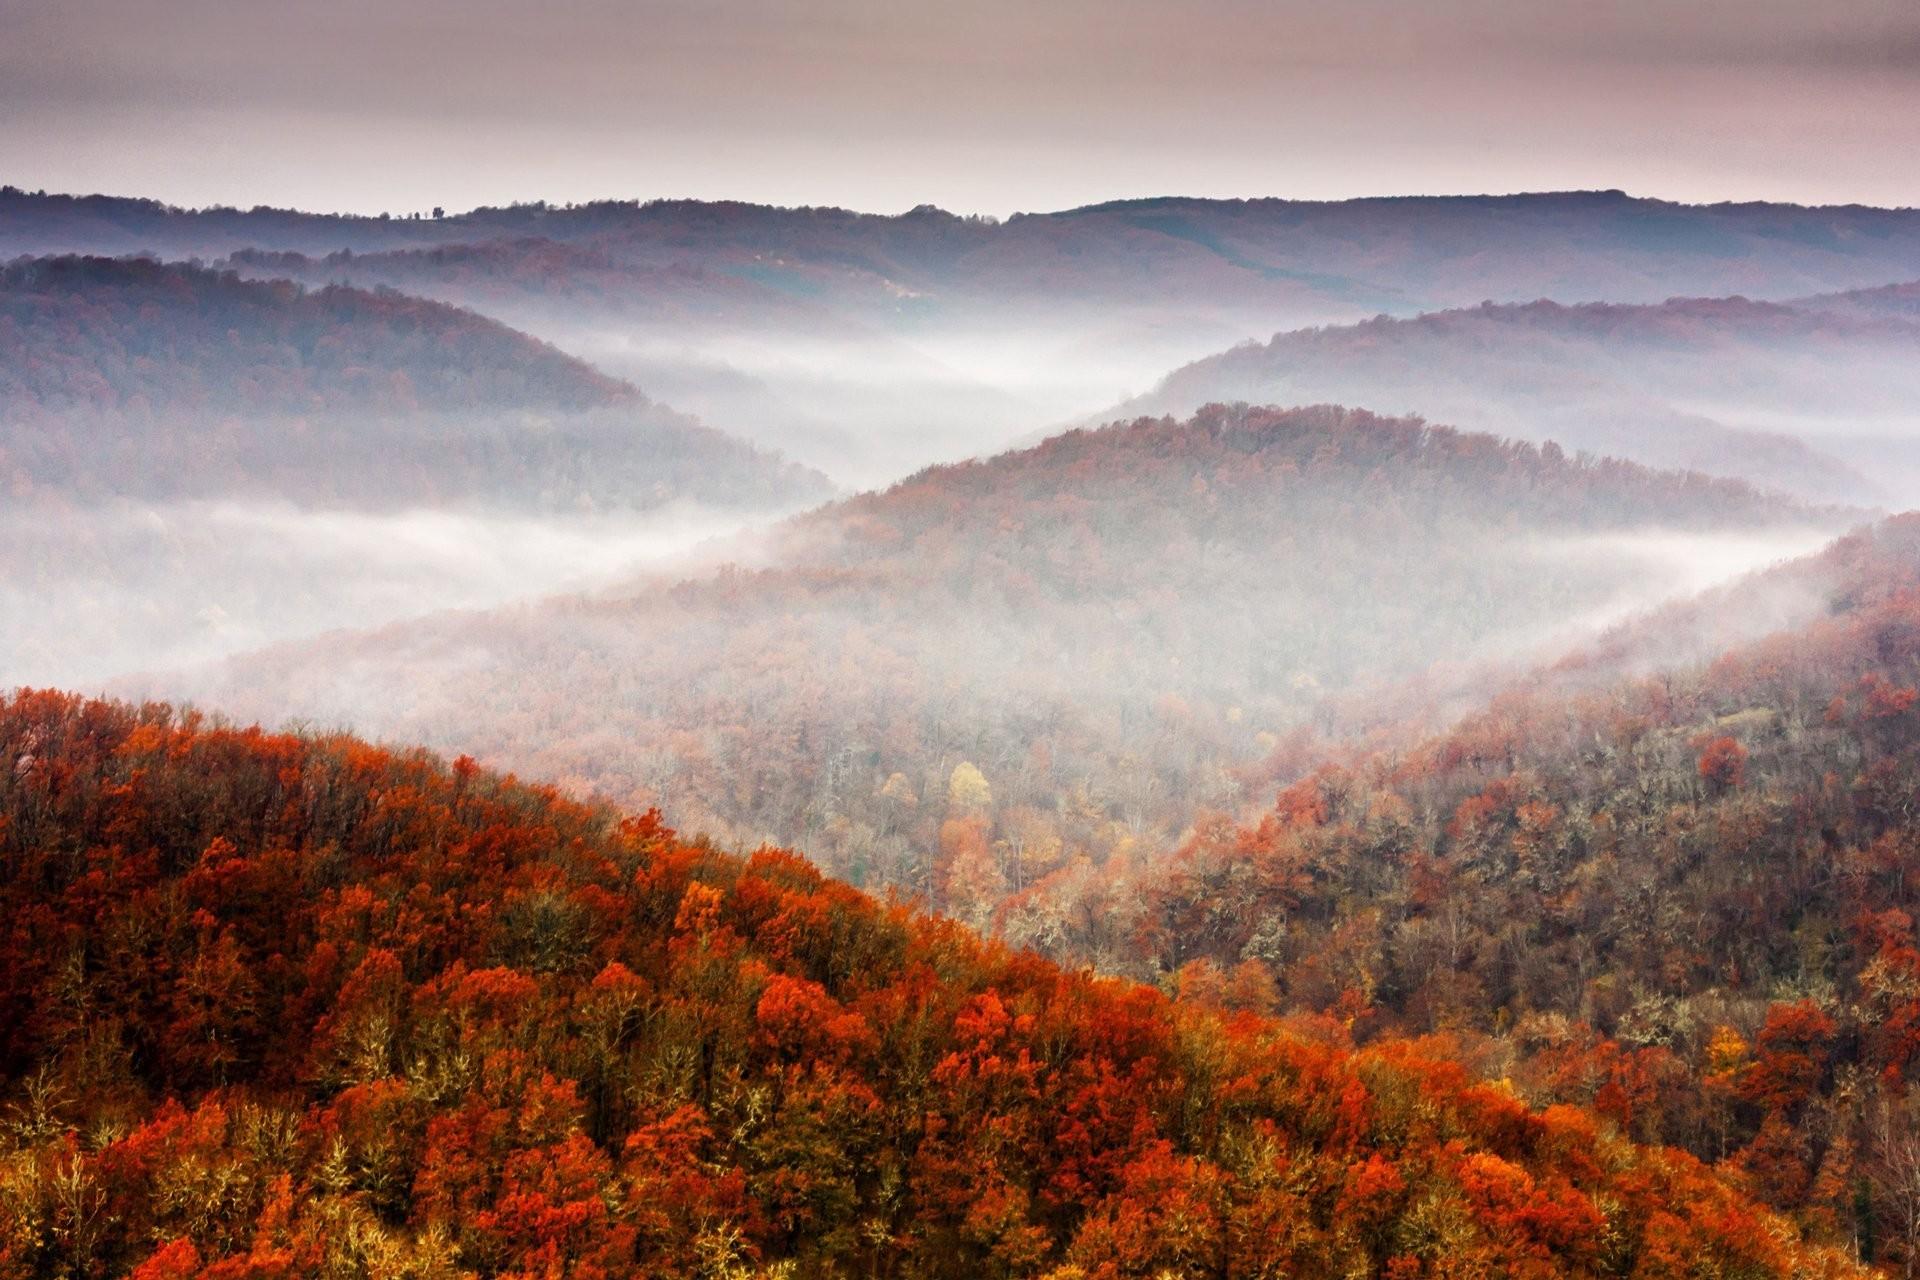 nature fall mountains tree sky foliage nature autumn mountain forest sky  foliage